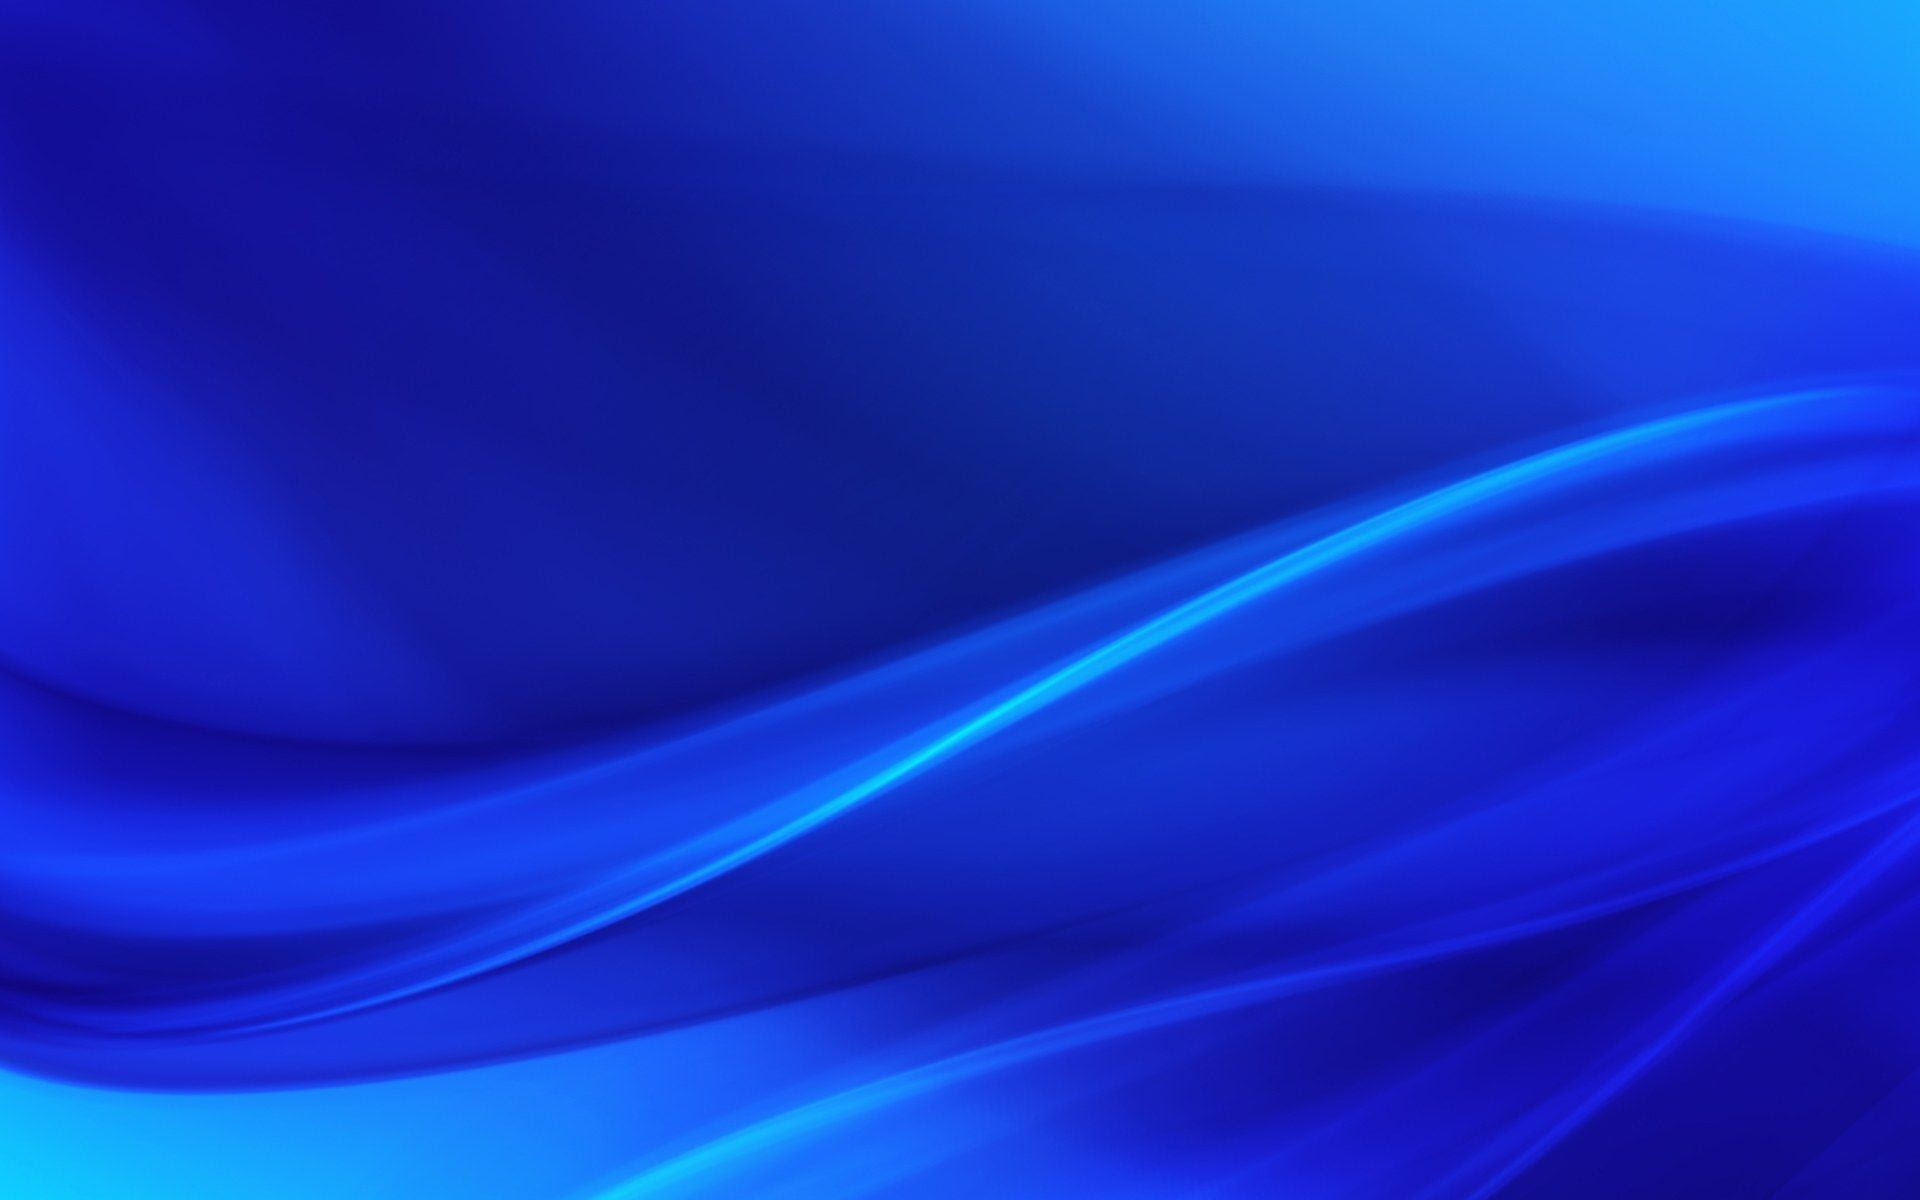 20+ New For Full Screen Wallpaper Full Hd Blue Background